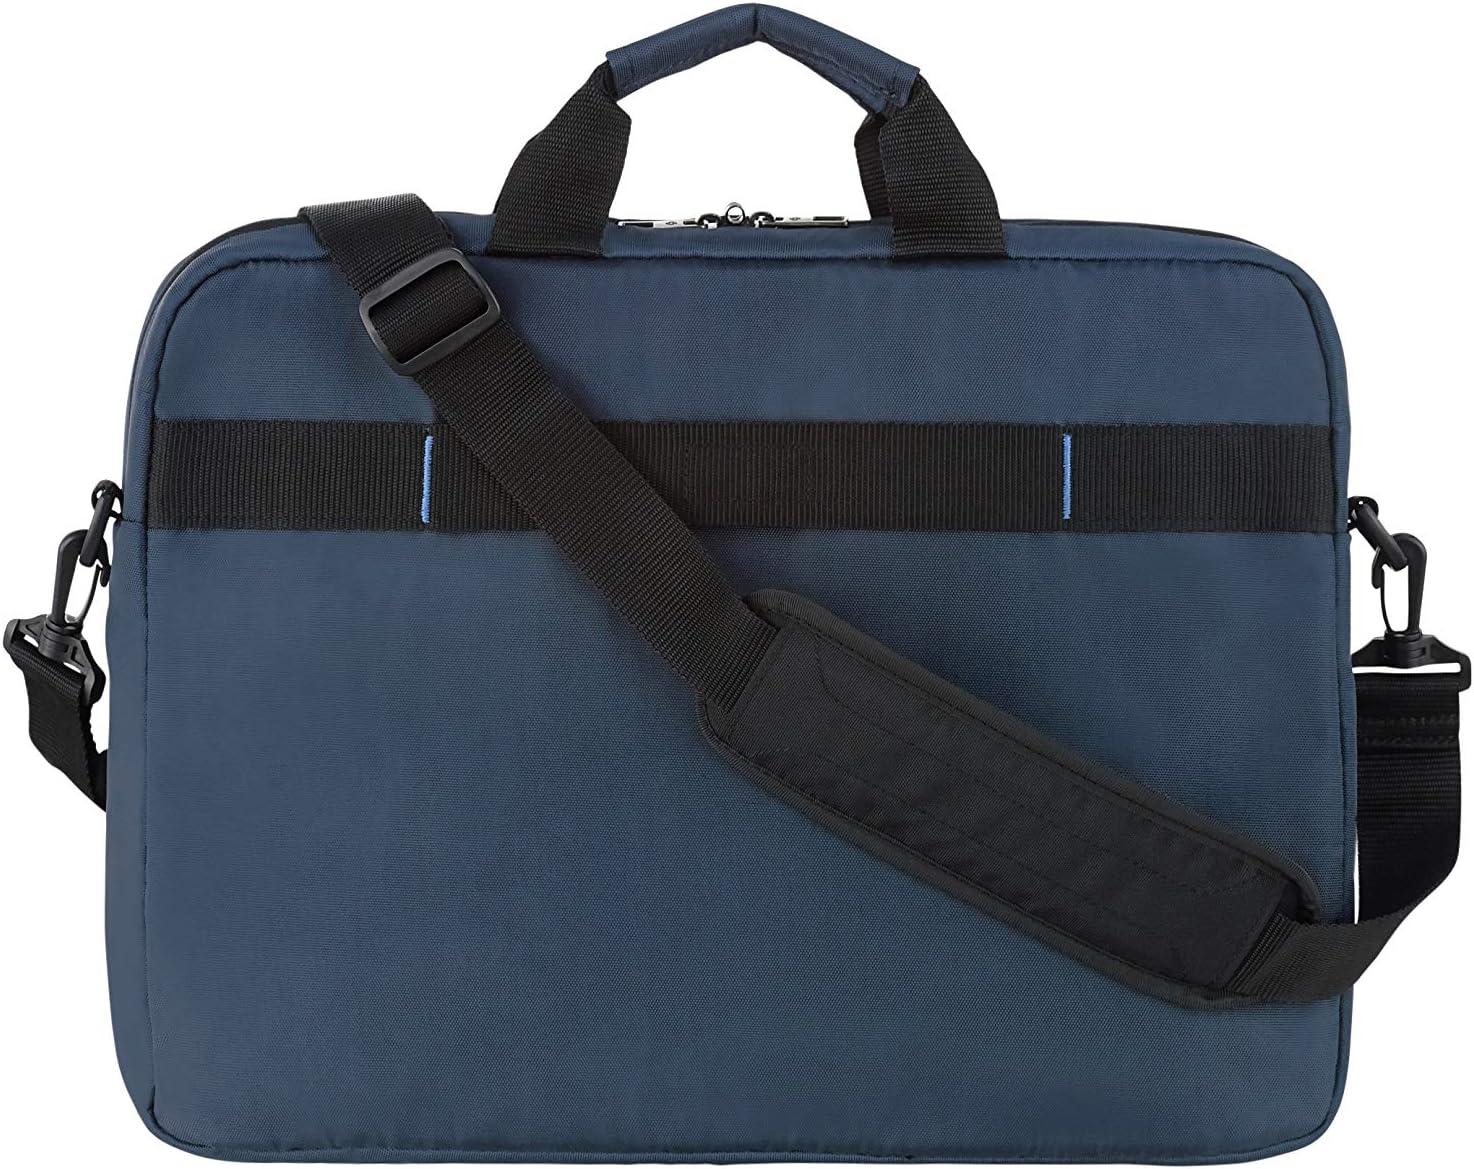 17.3 17.3 Samsonite 125046816 maletines para port/átil 43,9 cm Malet/ín, 43,9 cm Malet/ín Azul , 650 g, Azul Funda